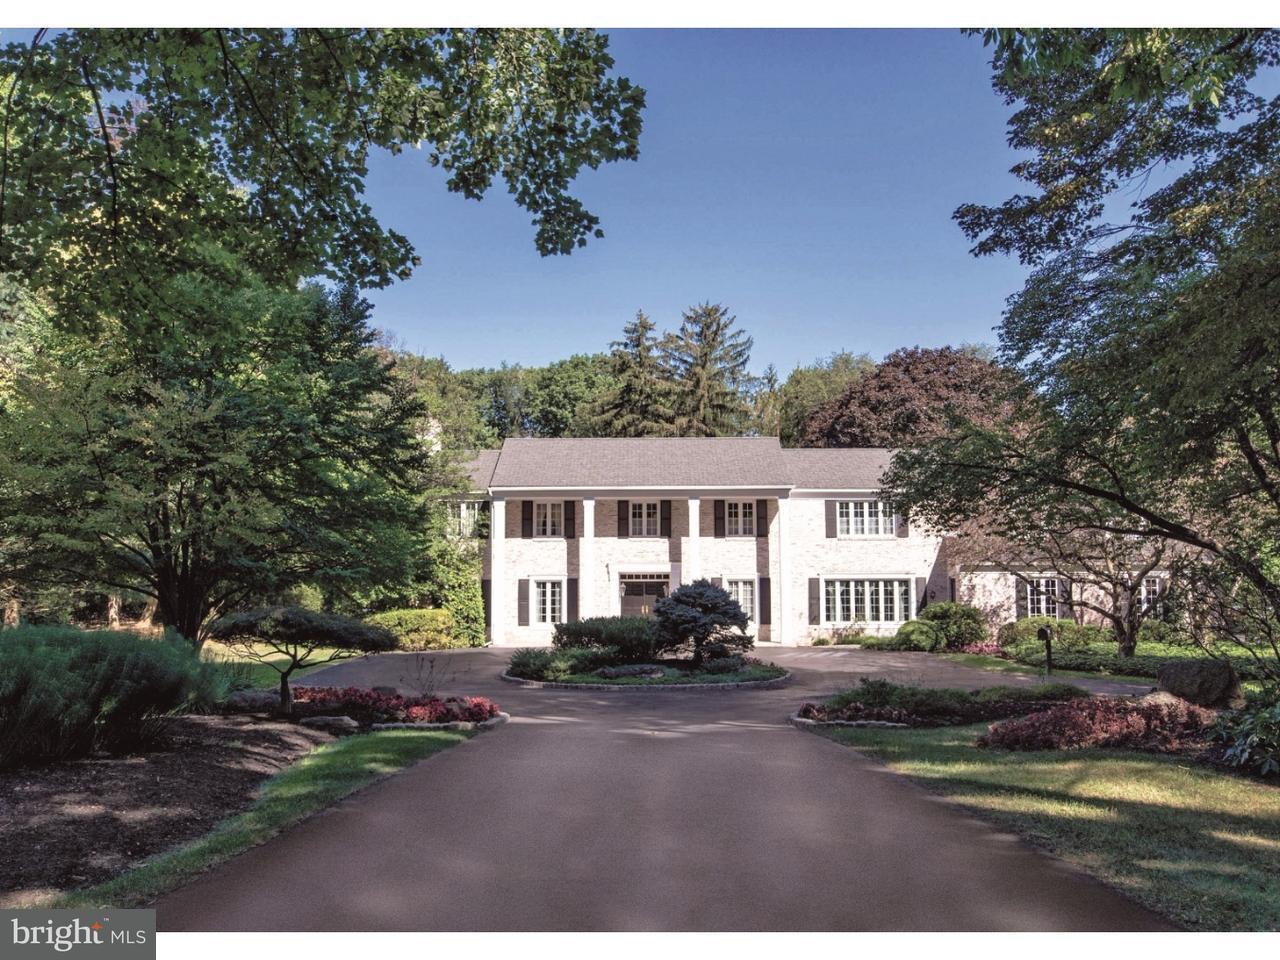 Maison unifamiliale pour l Vente à 1583 SAUCON VALLEY Road Bethlehem, Pennsylvanie 18015 États-Unis